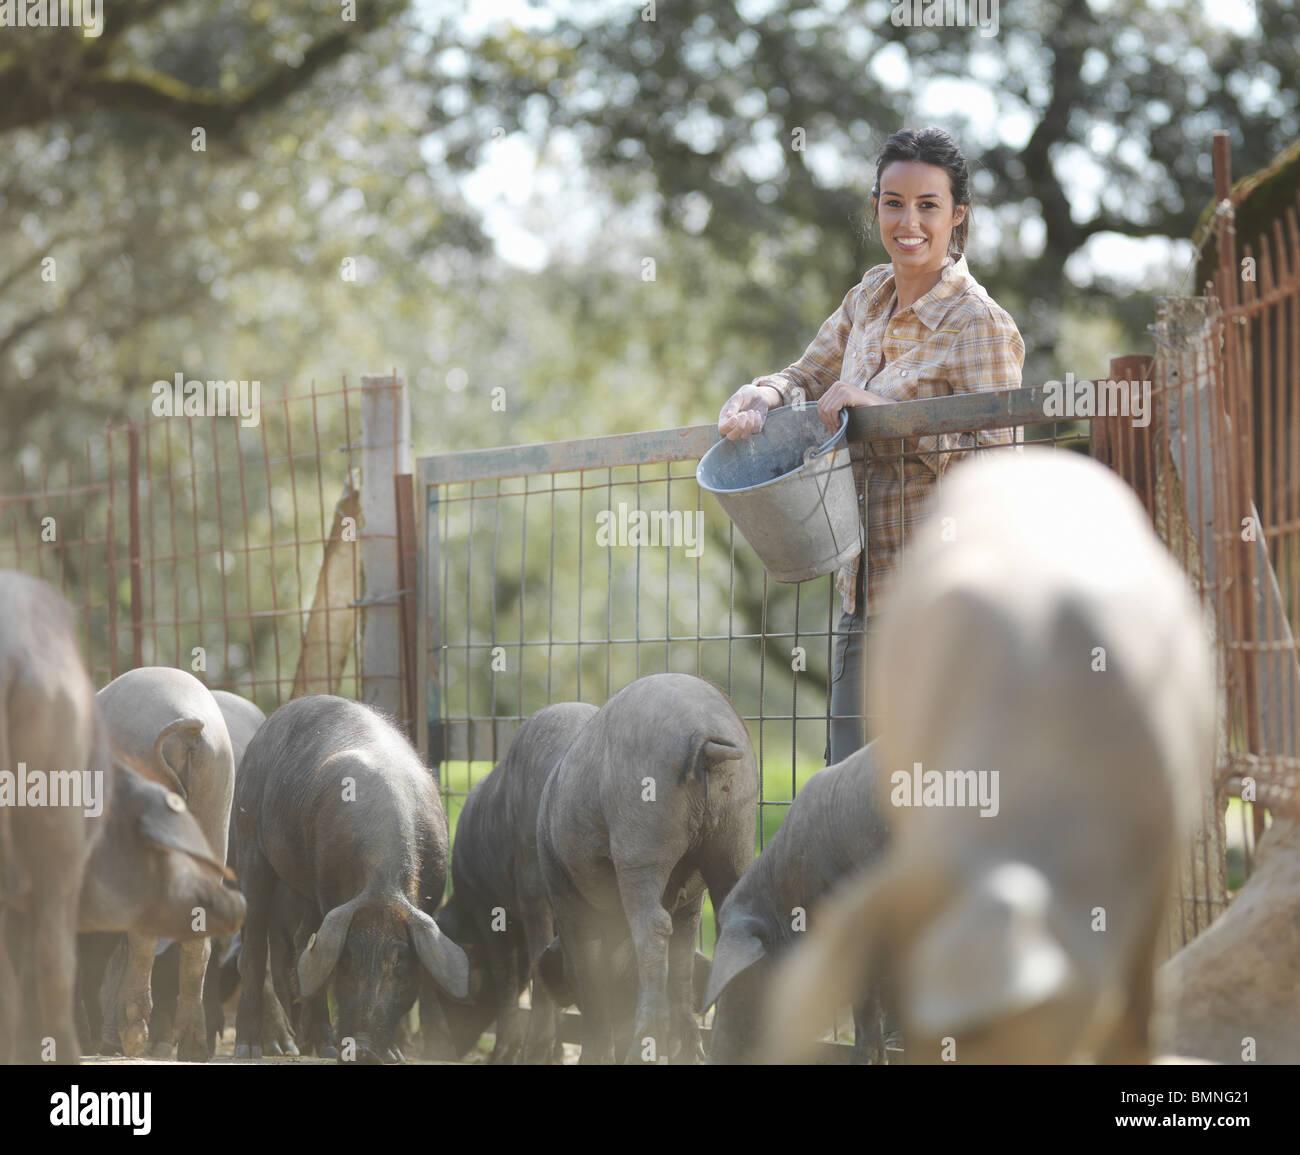 Frau auf der Farm, die Fütterung von Schweinen Stockbild